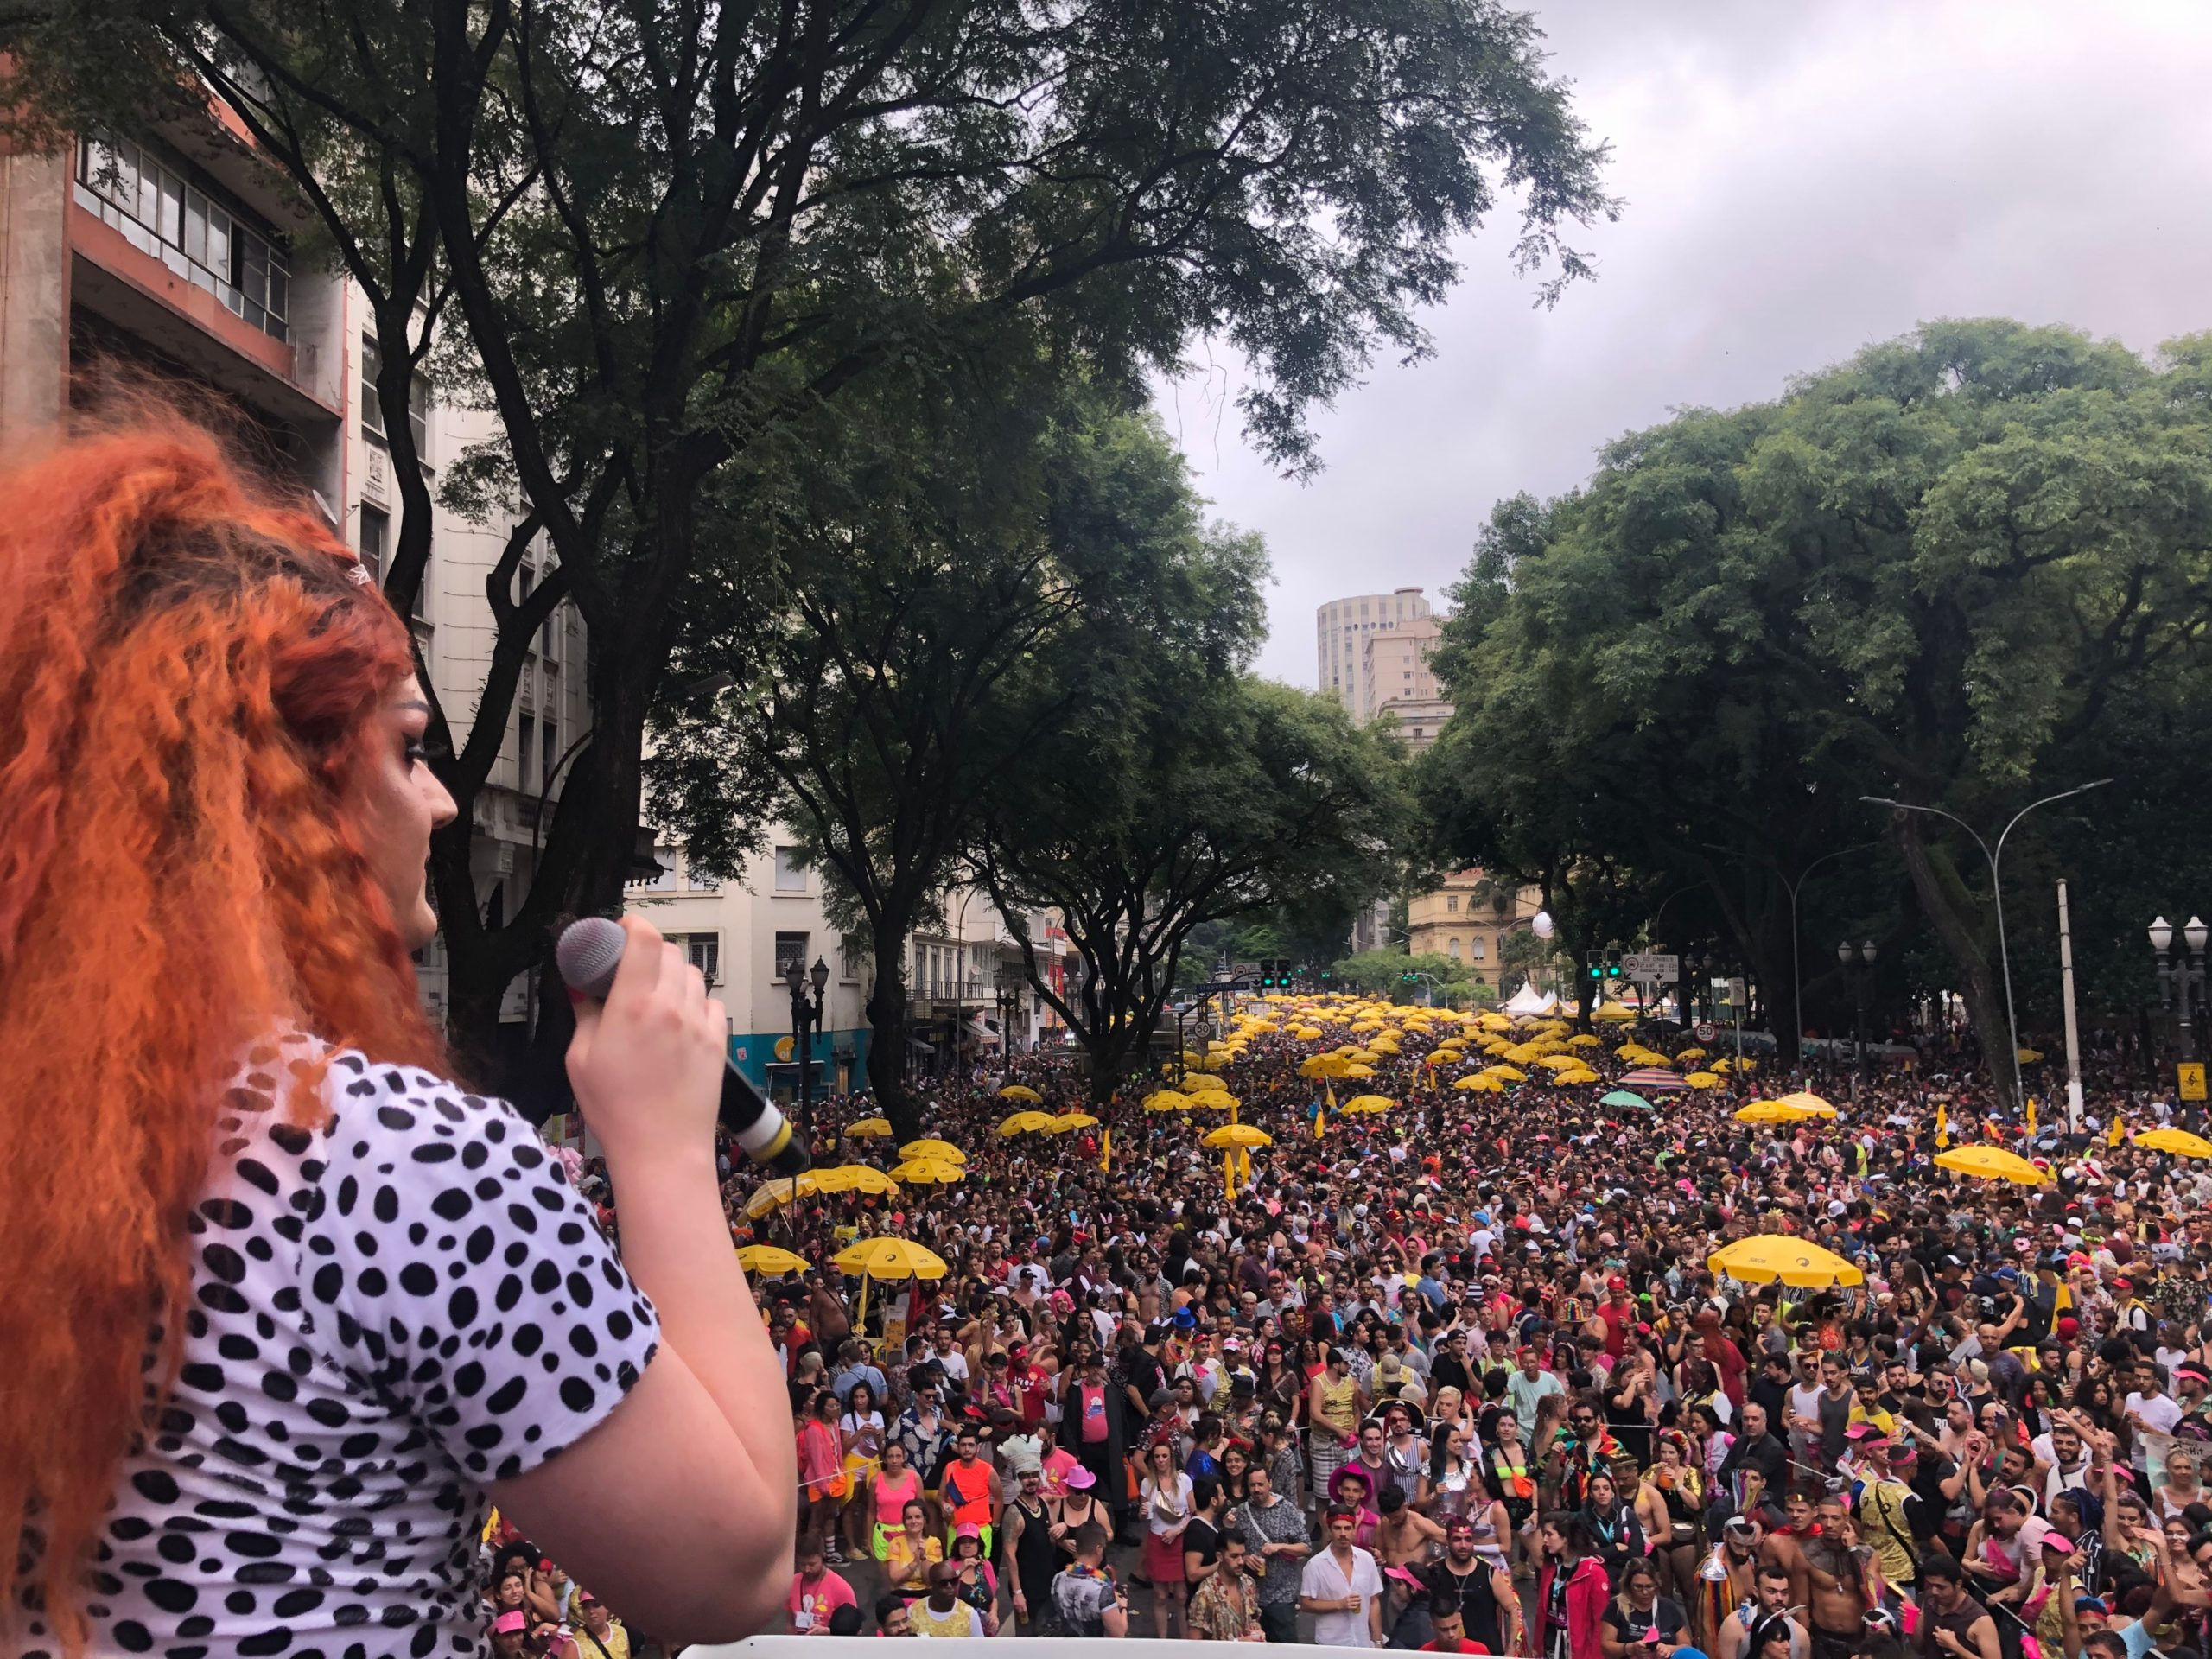 Bloco Minhoqueens, em São Paulo (Edson Lopes Jr./Prefeitura de SP/Fotos Públicas)